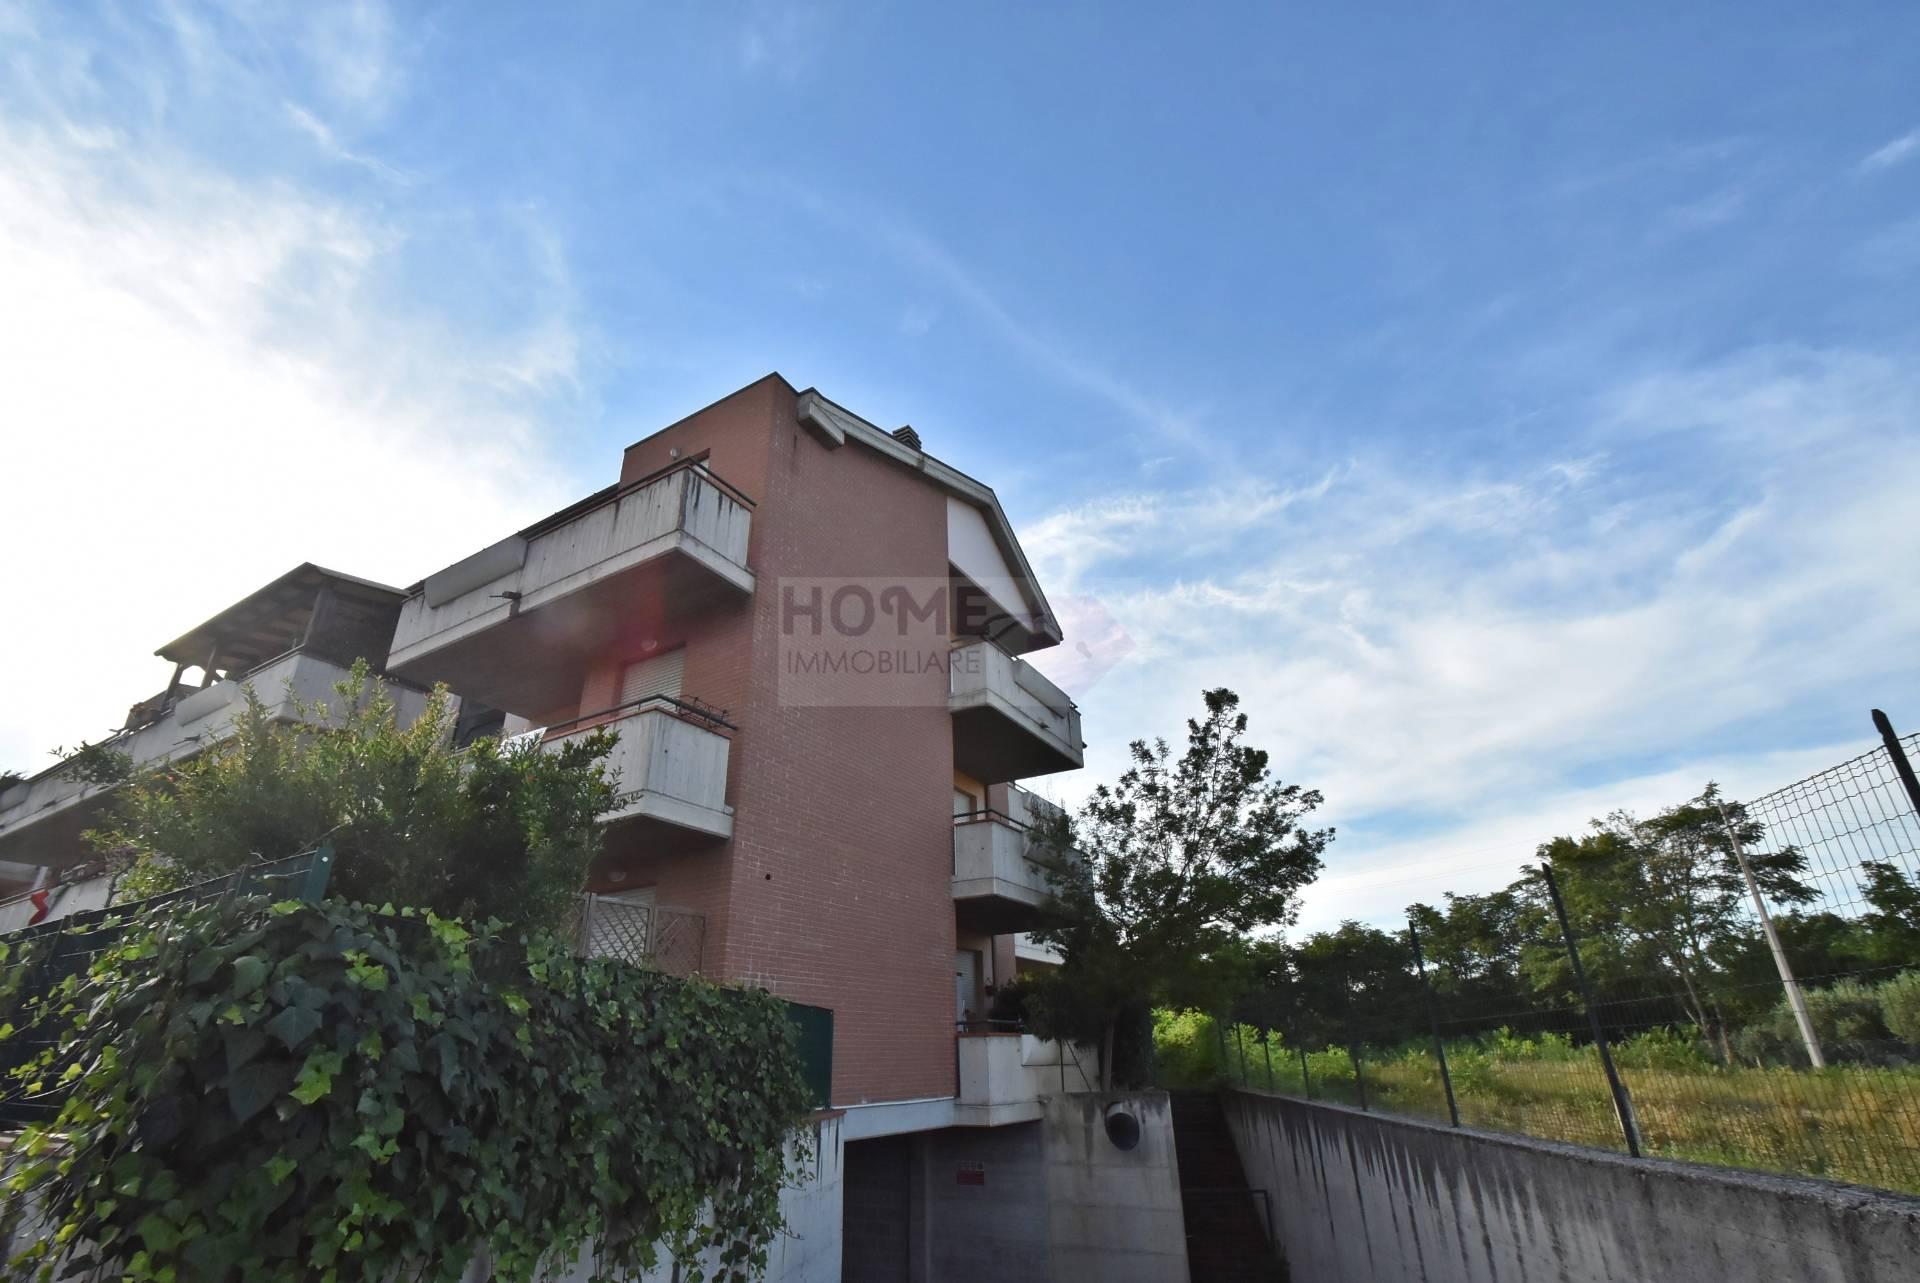 Appartamento in affitto a Corridonia, 3 locali, zona Zona: Colbuccaro, prezzo € 350 | Cambio Casa.it